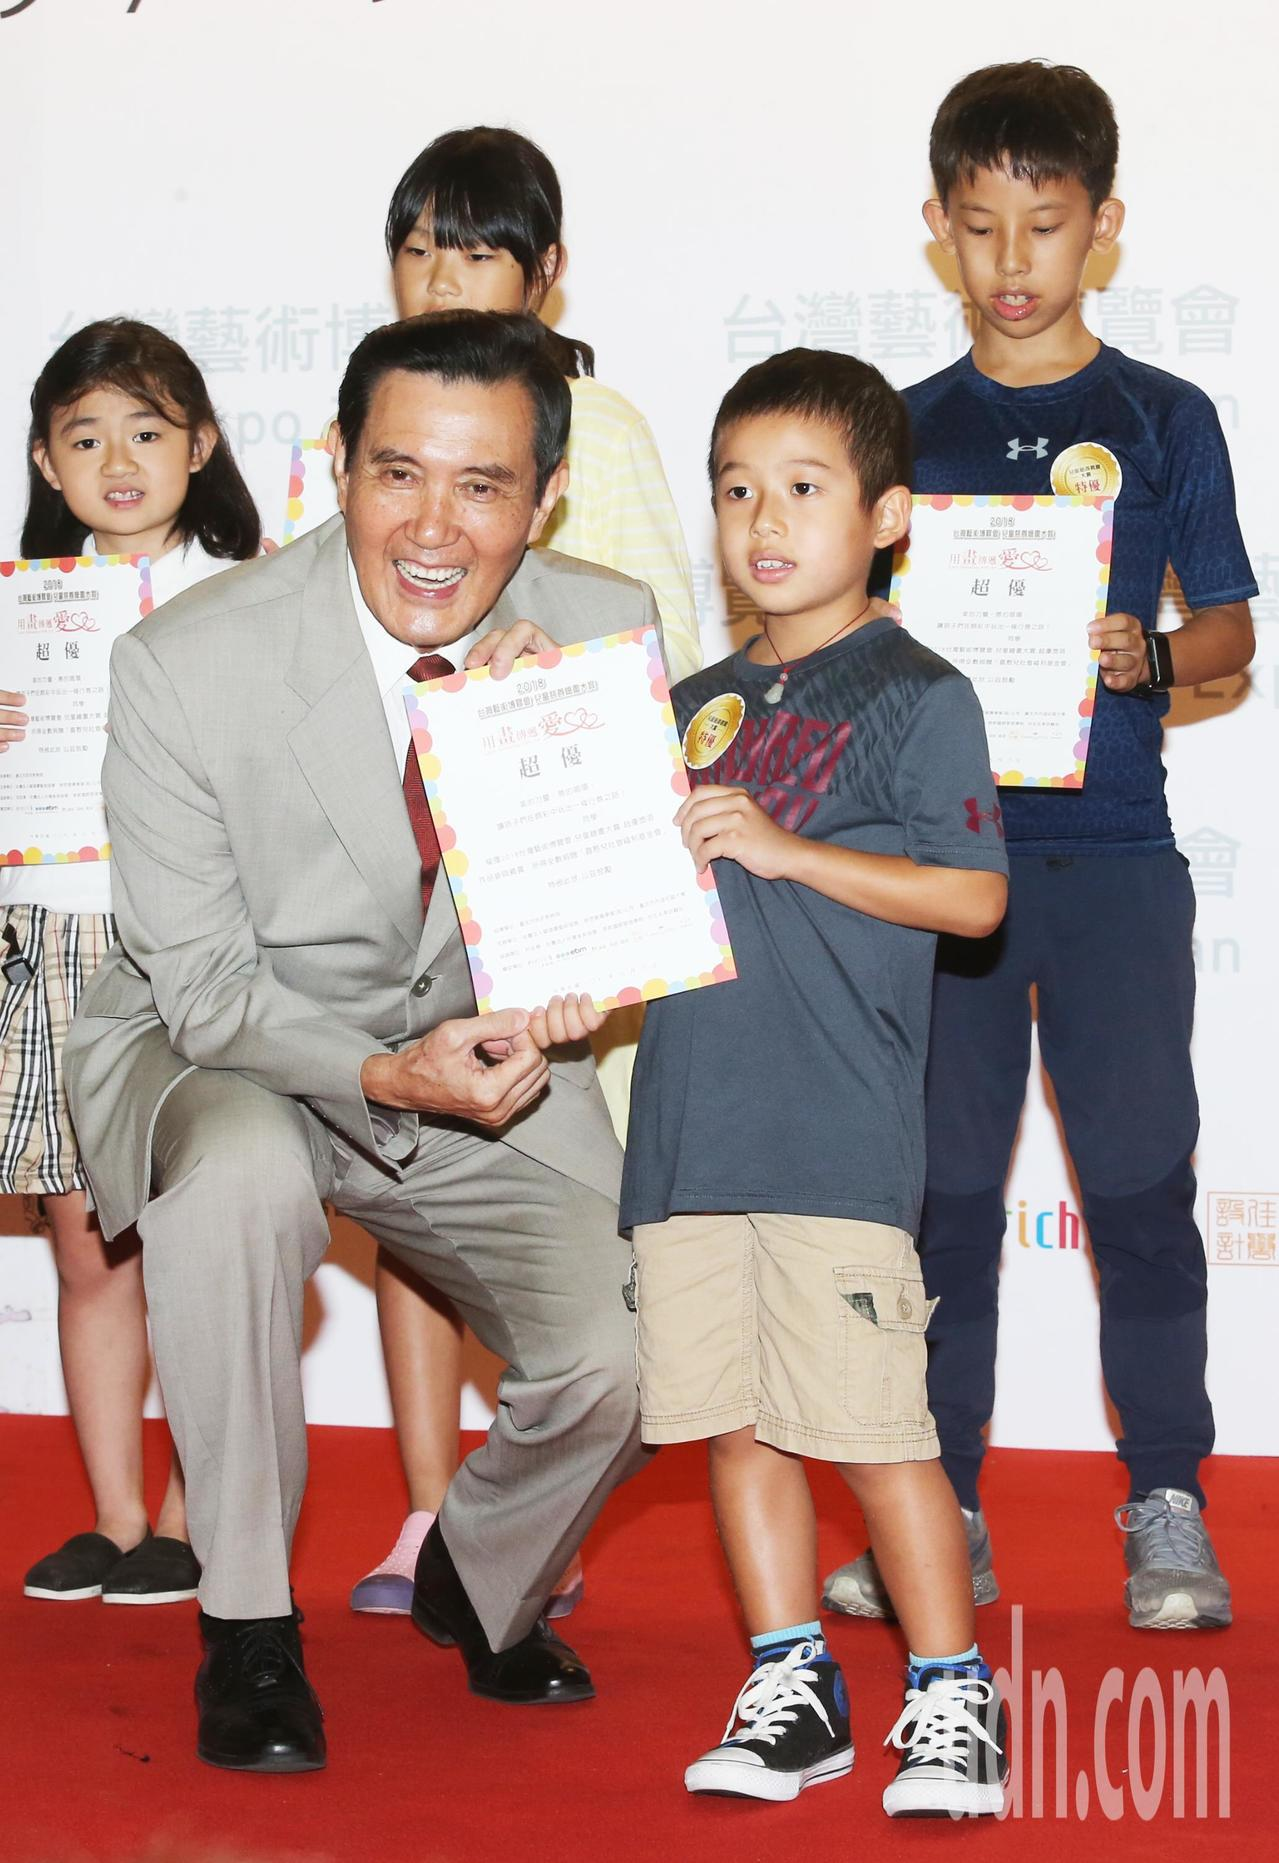 馬英九頒獎給在繪畫比賽中表現優異的小朋友。記者徐兆玄/攝影